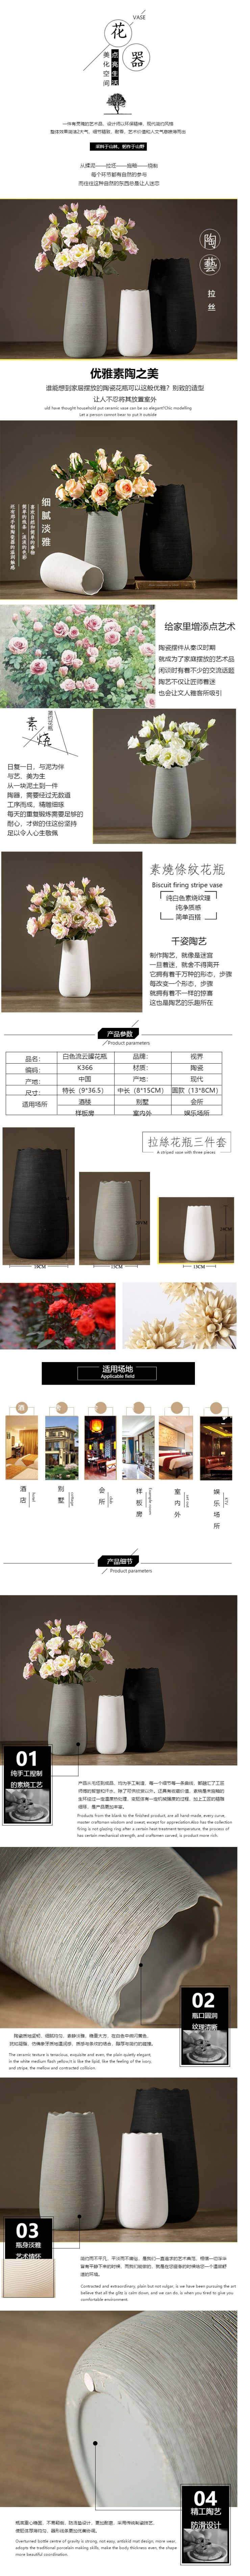 简约优雅花瓶花卉电商详情页